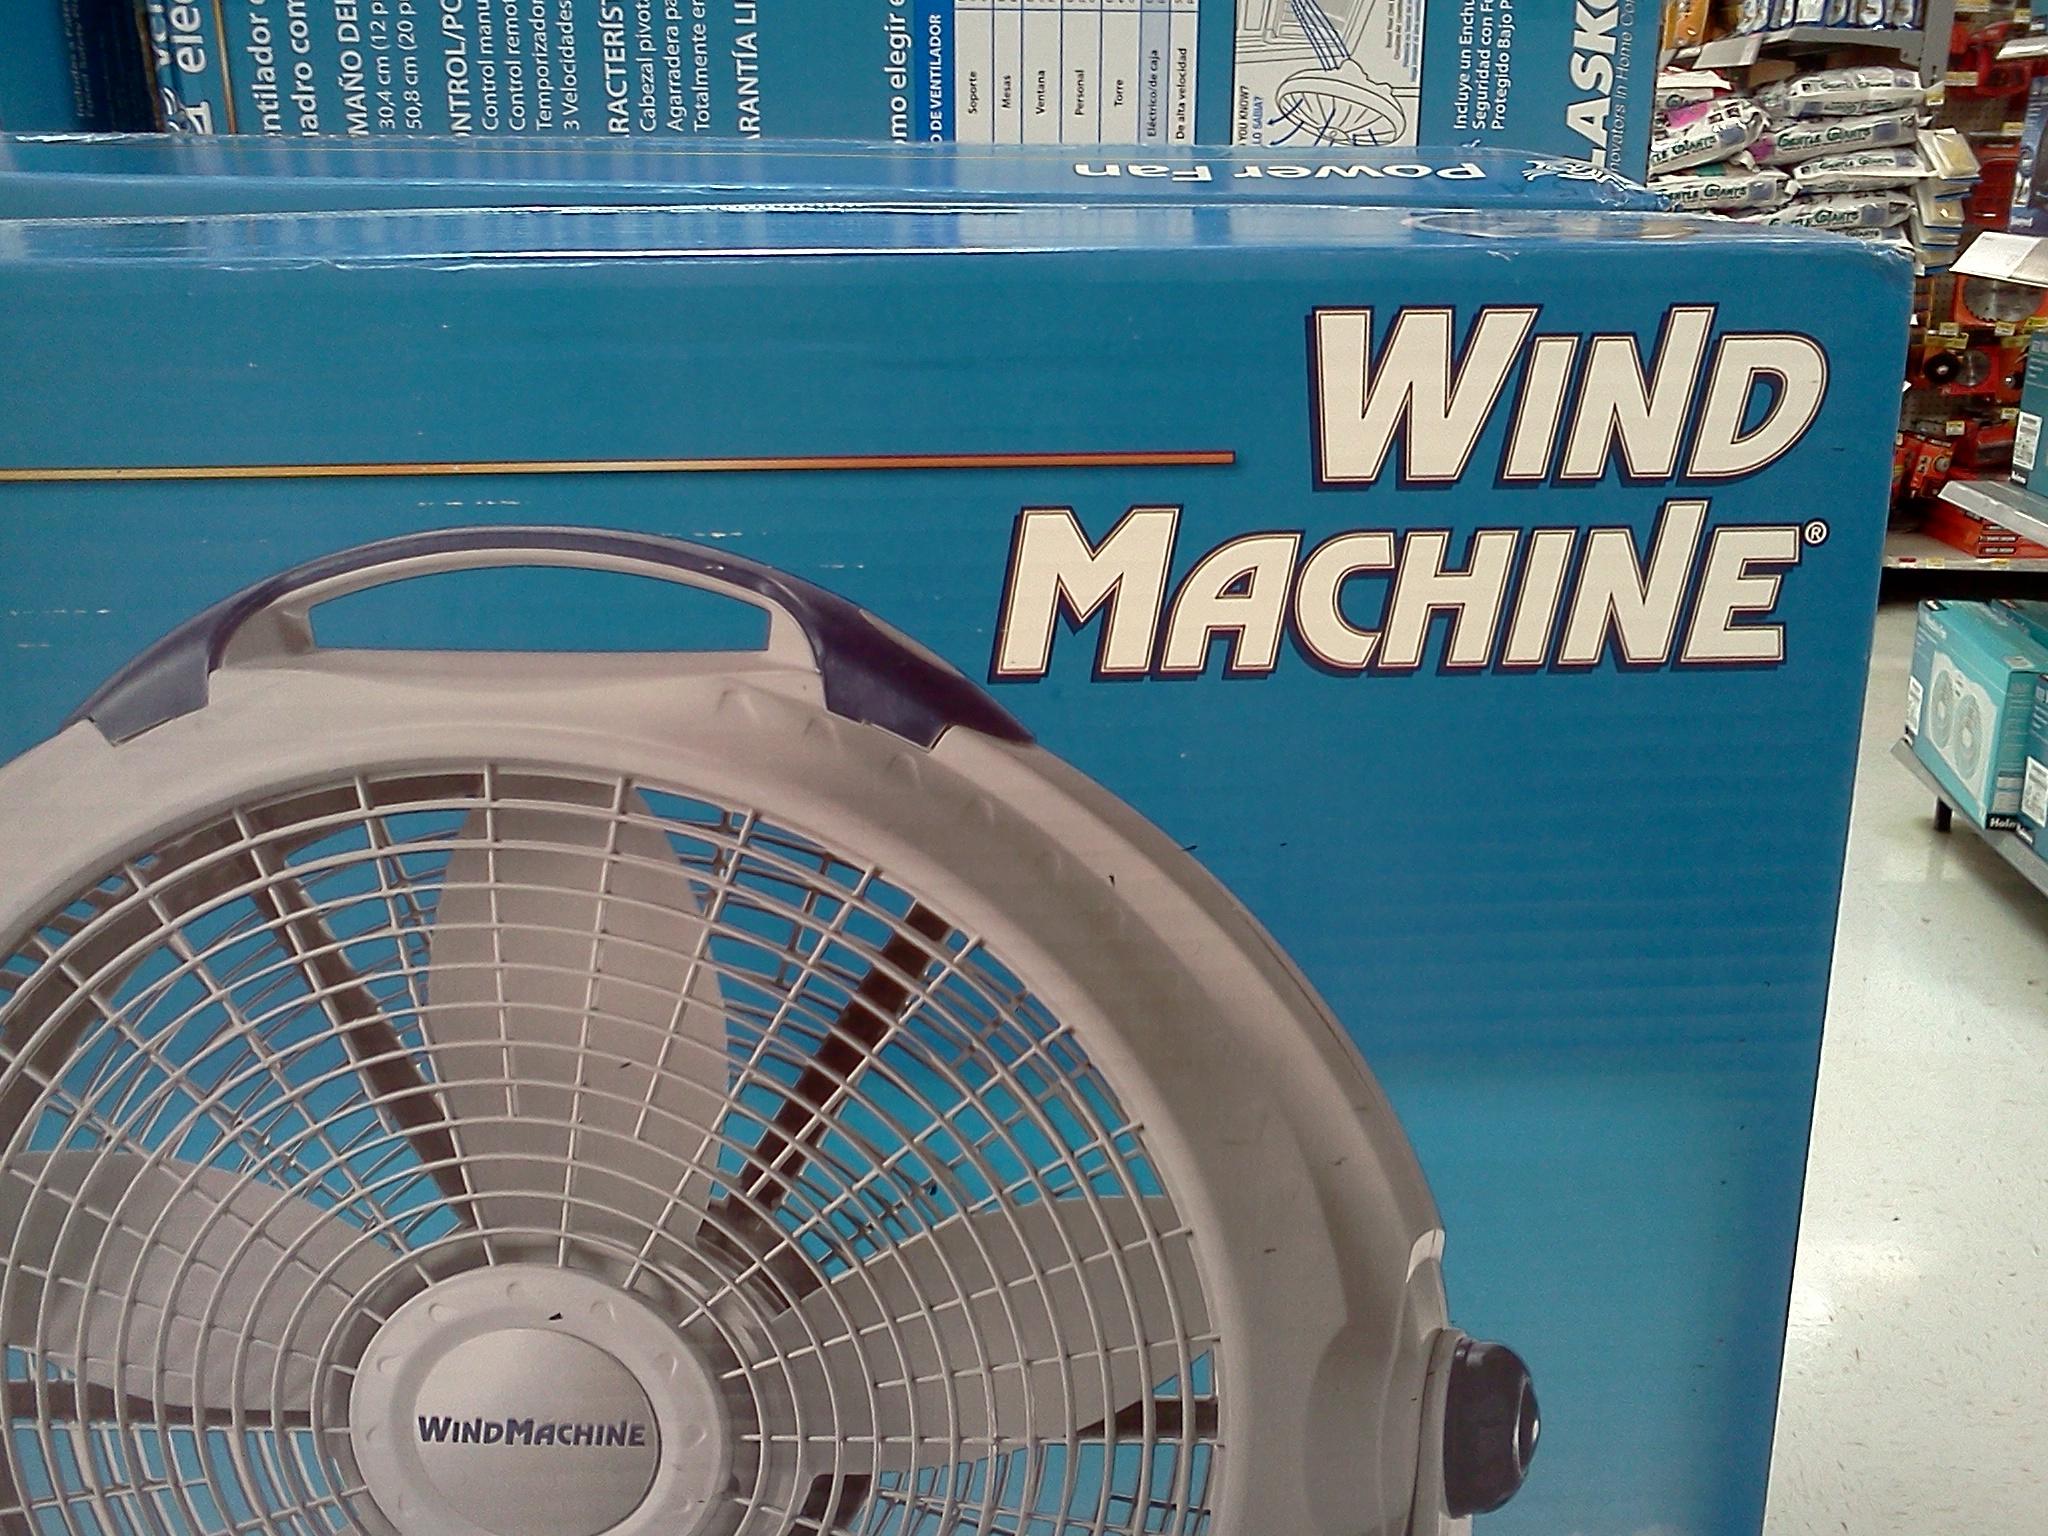 wind machine fan walmart